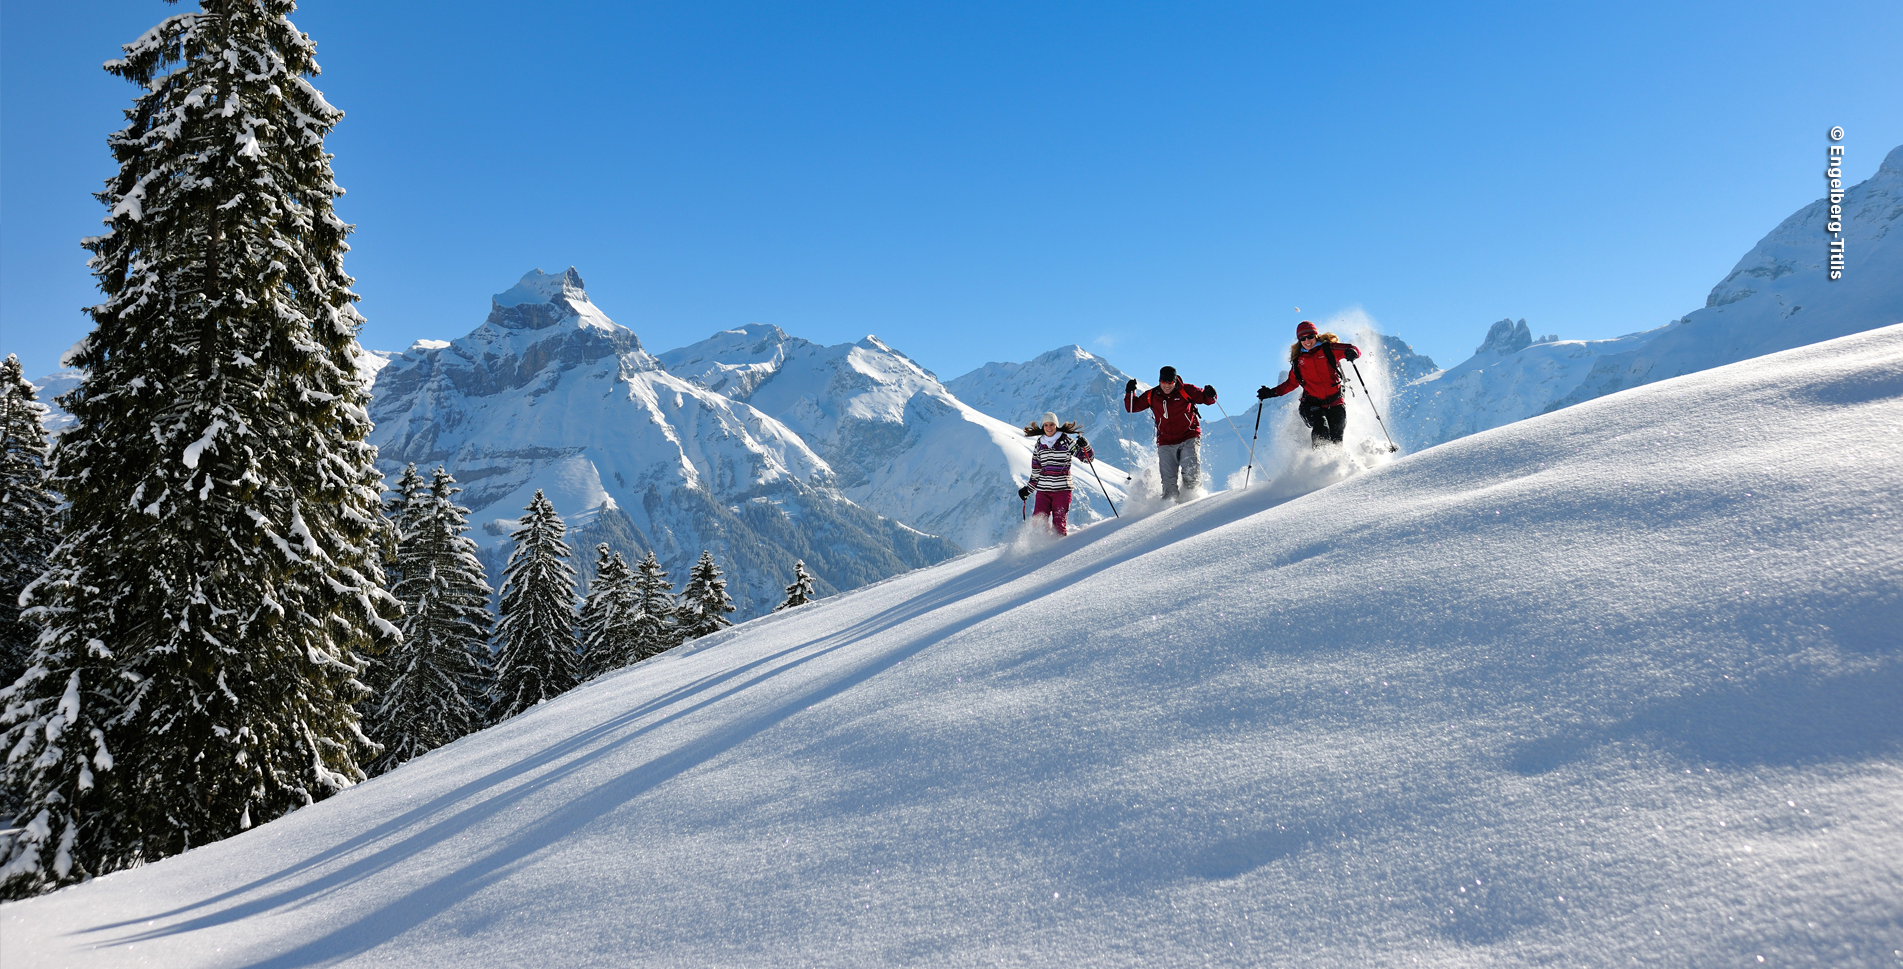 Schneeschuhtour oberhalb von Engelberg (Titlisbahn) von der Gerschnialp via Café Ritz, Hinter Stafel, Schlegi, Restaurant Untertrübsee, Jungholz, Hungerbodenwald zurück zur Gerschnialp